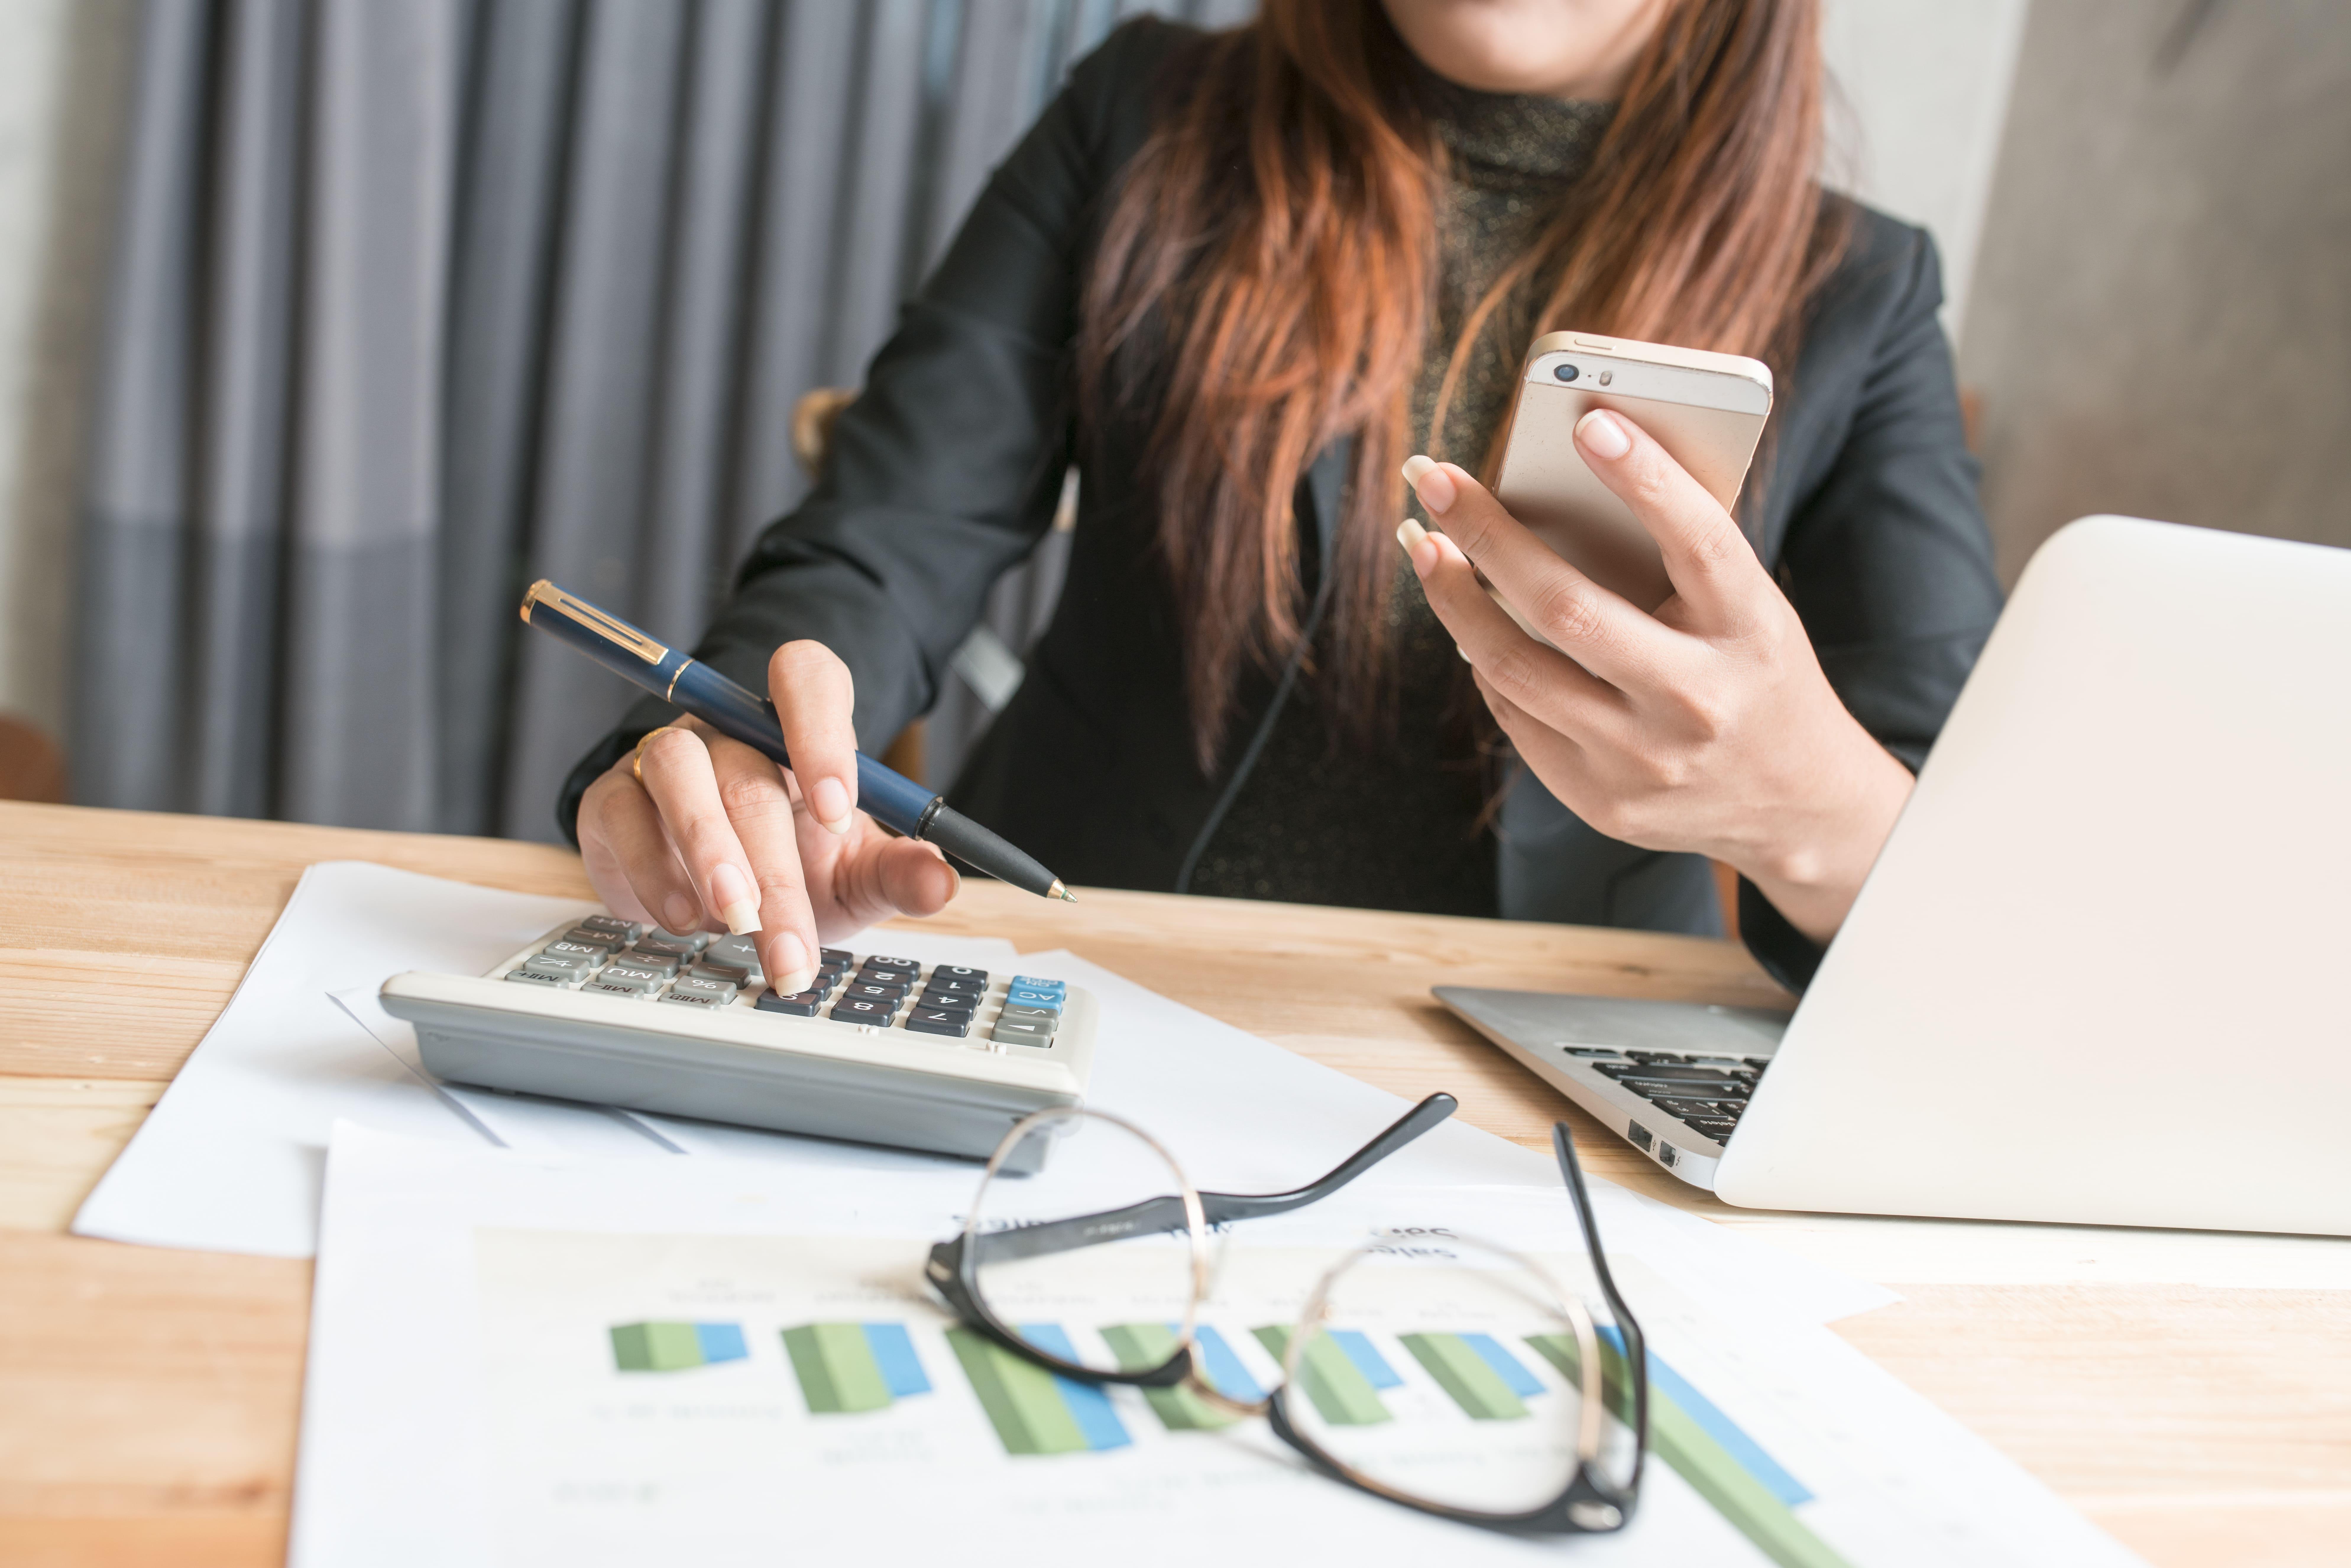 Imagem de uma mulher organizando suas contas para remeter quem deseja saber algumas dicas financeiras para iniciar 2019 com as contas no azul